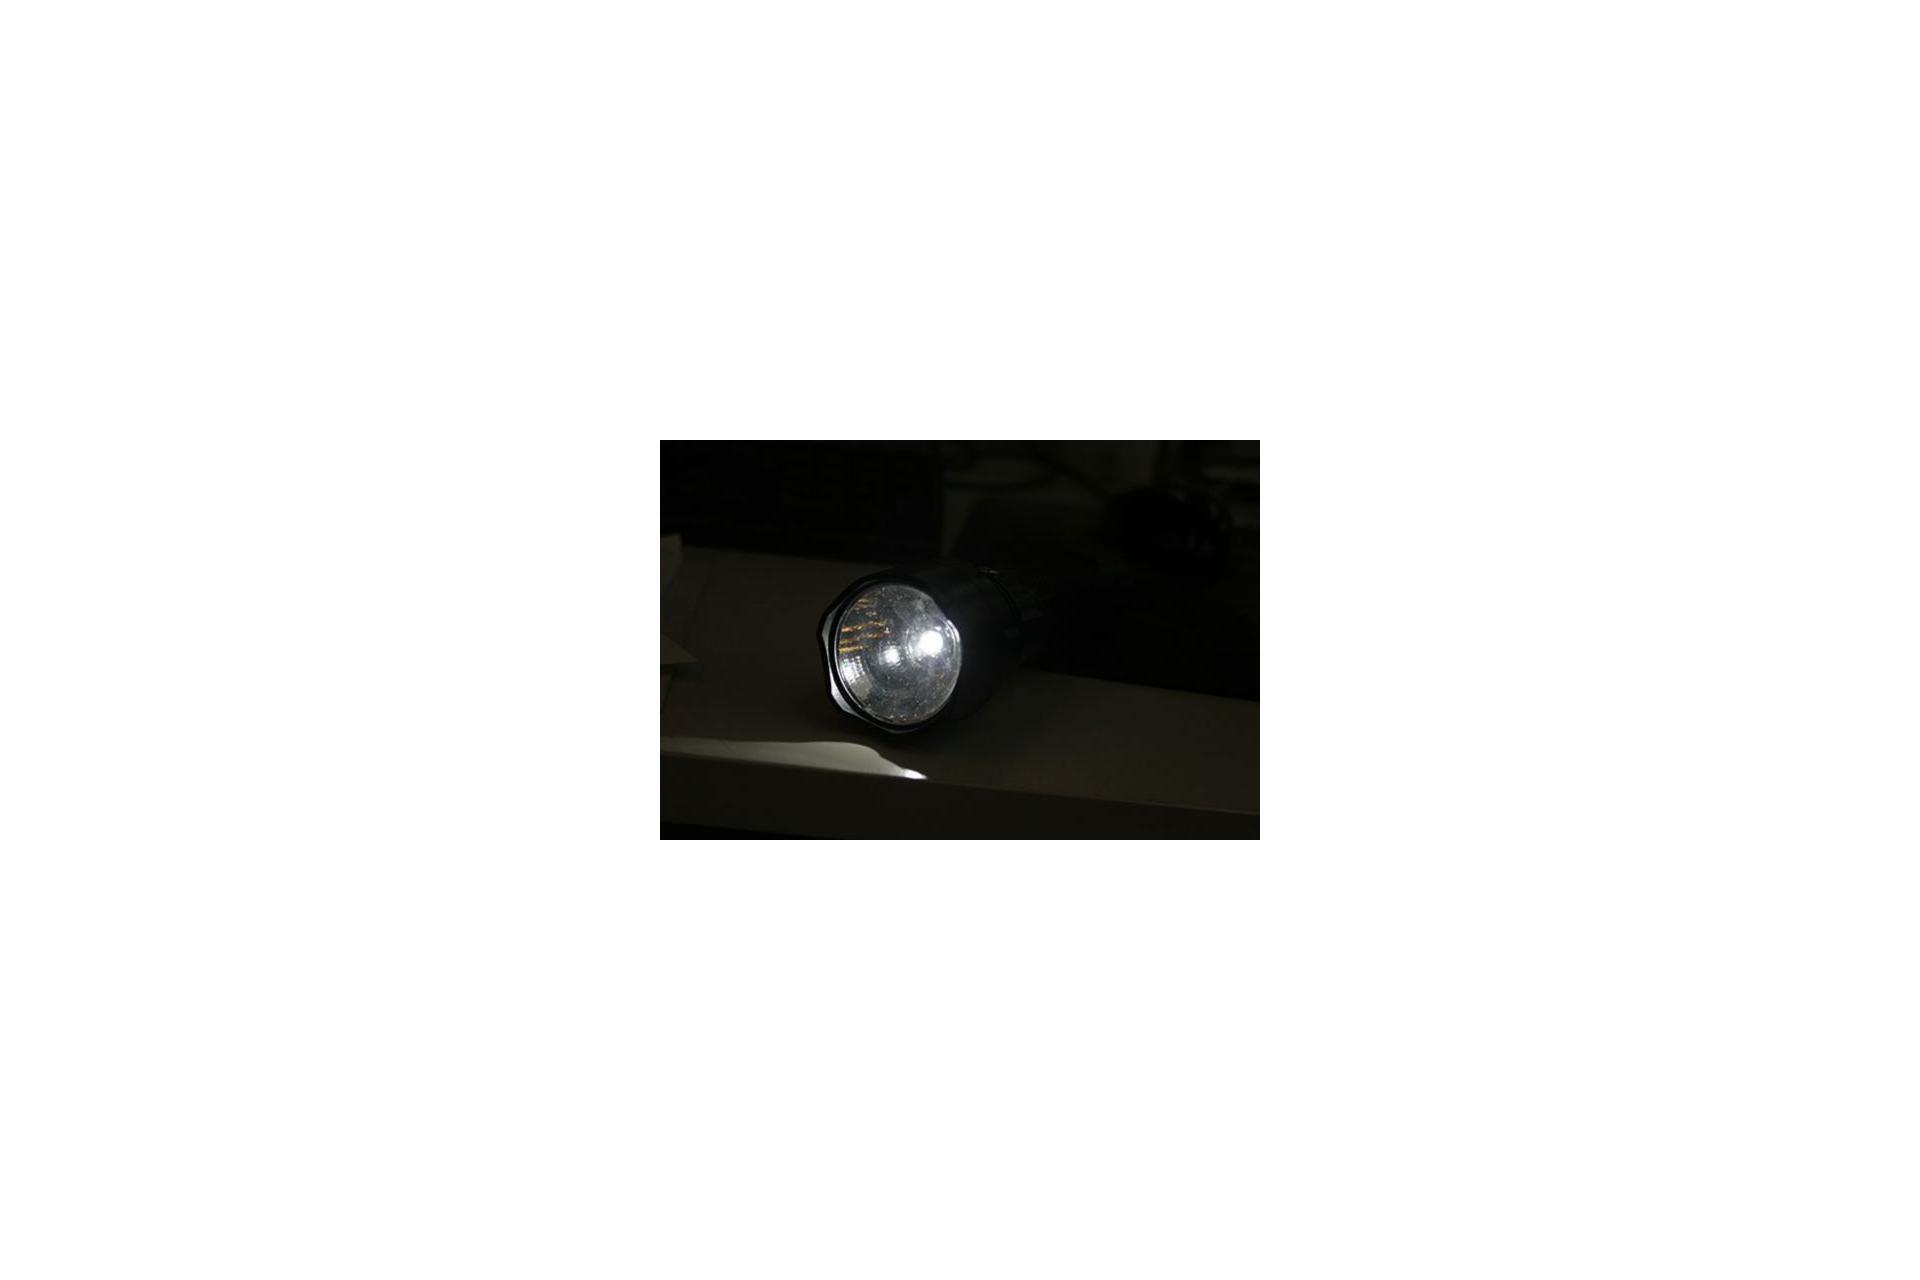 Lanterna De Mão Recarregável Duralight - Nautika